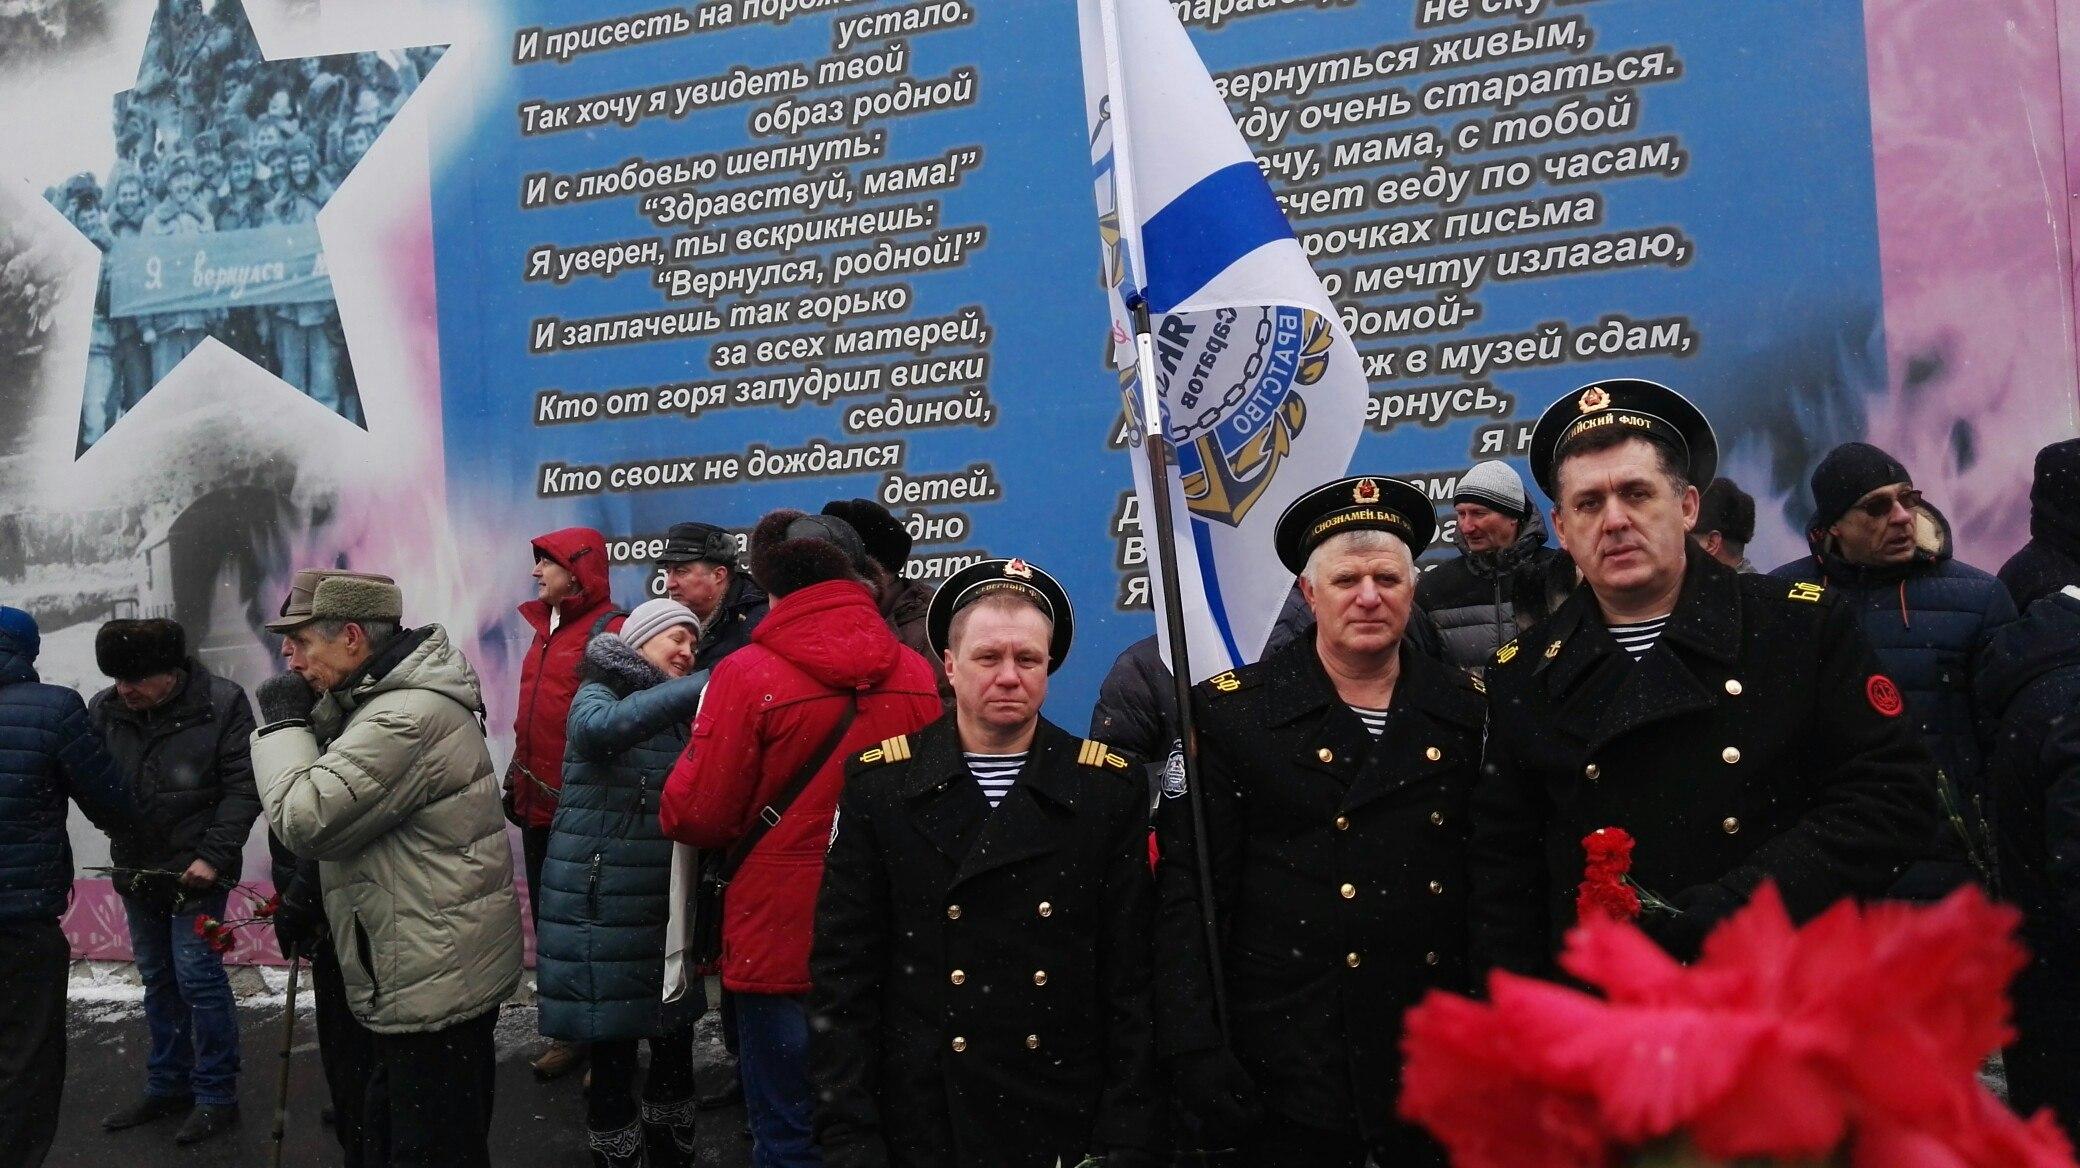 СВМ на Дне памяти воинов-интернационалистов